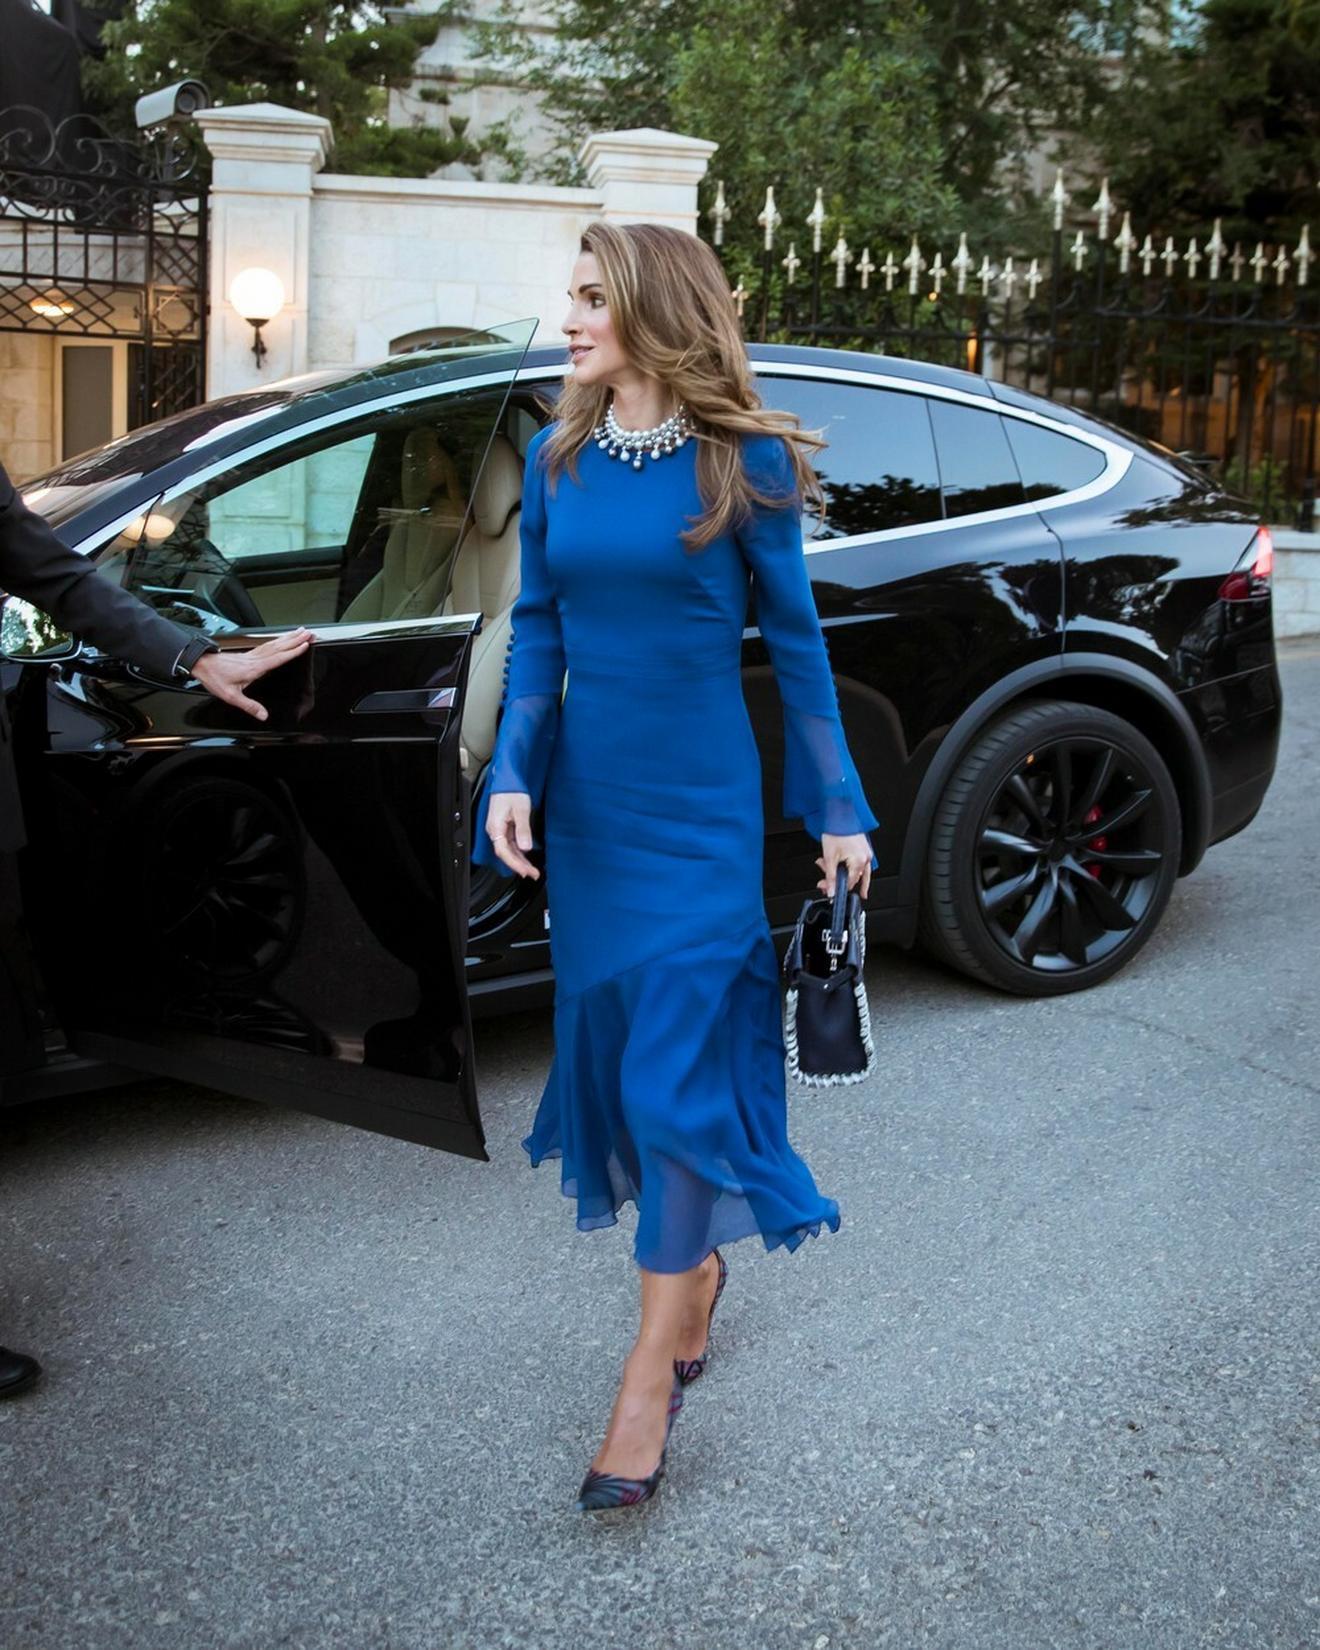 Jordanska kraljica Ranija nedavno u svojoj domovini na sastanku koji je bio posvećen unapređenu civilnog društva, slobode medija i rodne ravnopravnosti u obrazovanju